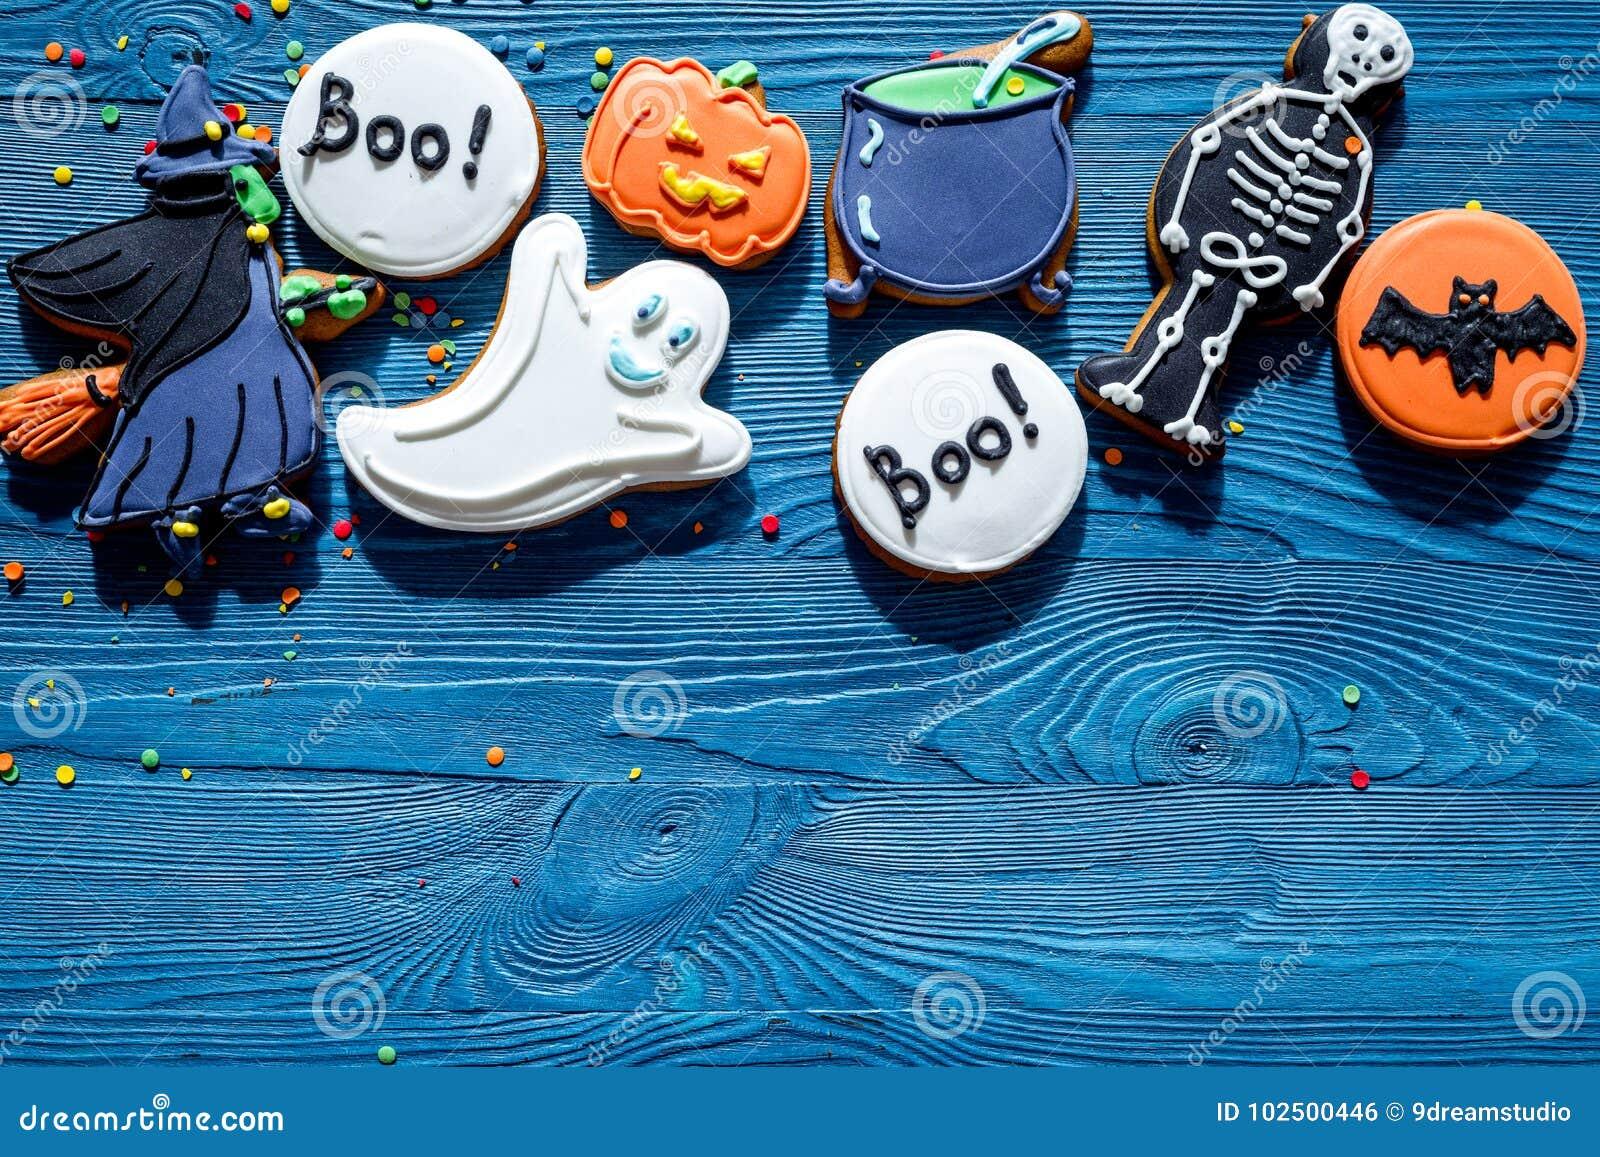 Kochen Sie Halloween-Lebkuchenplätzchen mit Hexe, Schläger Blaues copyspace Draufsicht des Hintergrundes